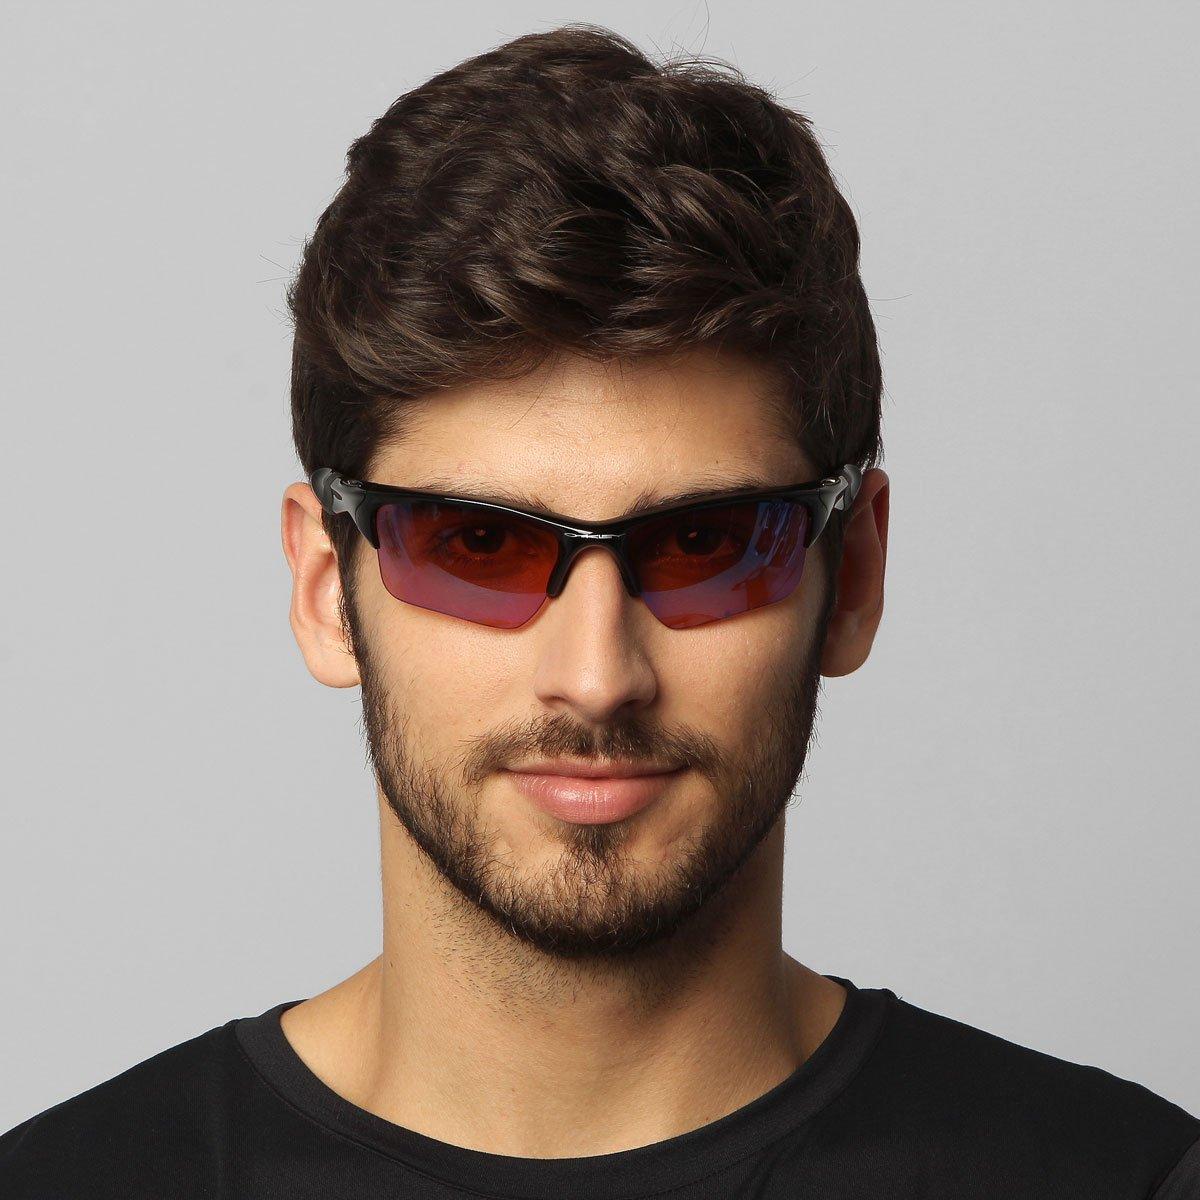 5fb37690a5859 Óculos Oakley Half Jacket 2.0 XL - Iridium - Compre Agora   Netshoes